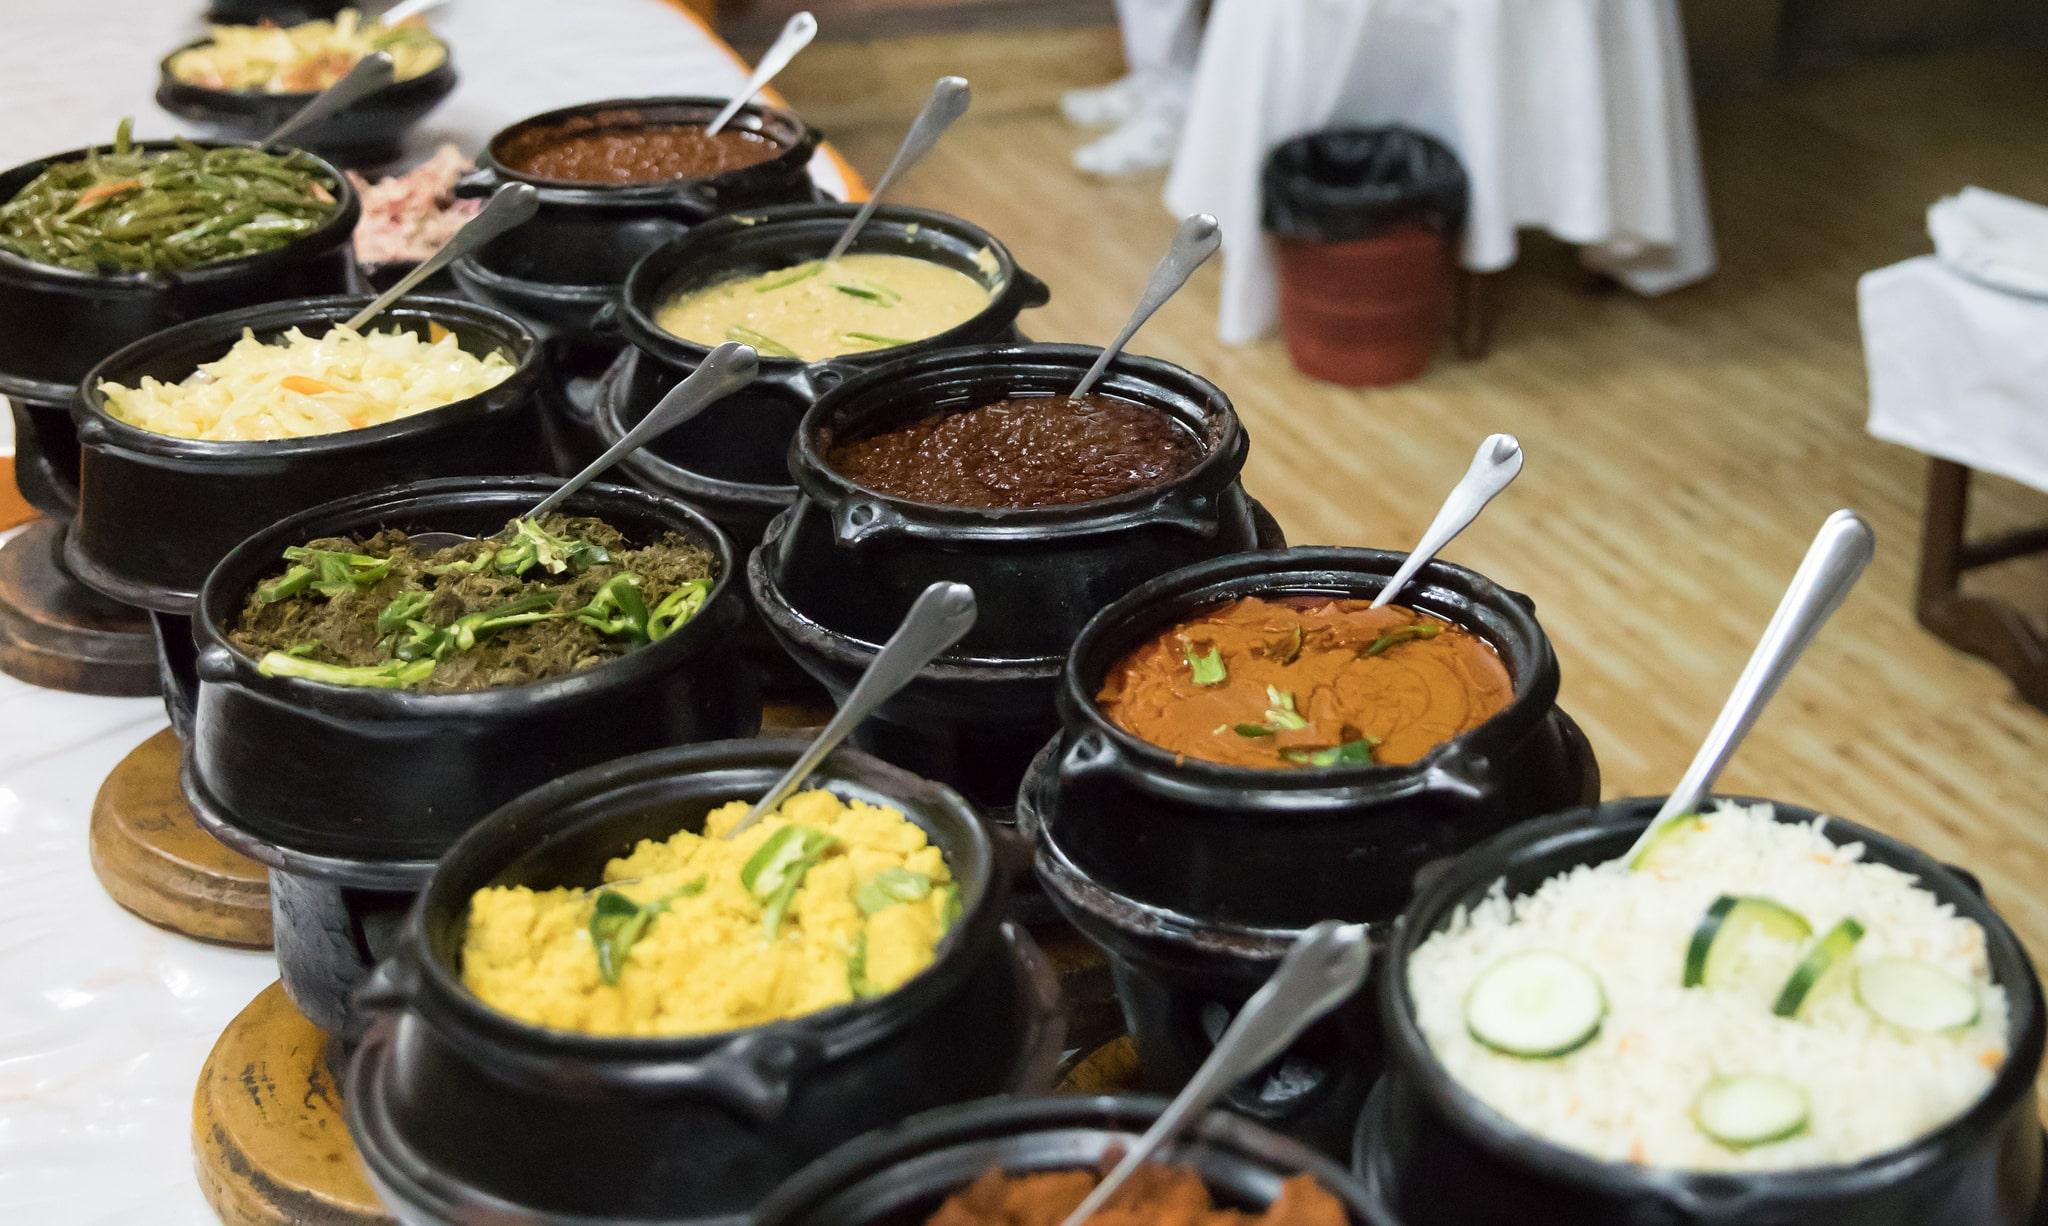 Vegan and vegetarian-friendly restaurants in Accra |